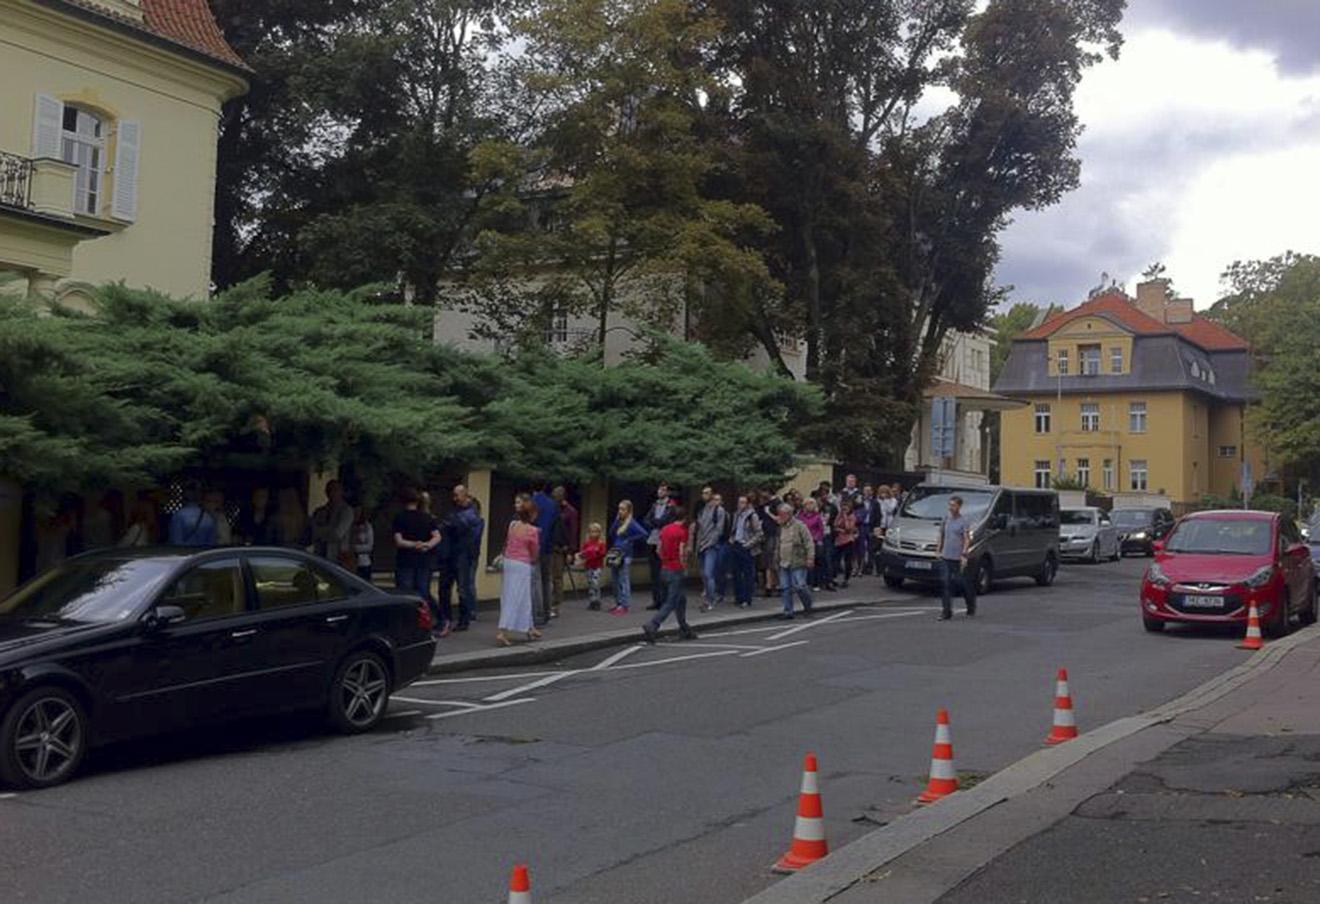 Очередь перед избирательным участком в Праге. Фото: Олександр Двоєконко / Facebook